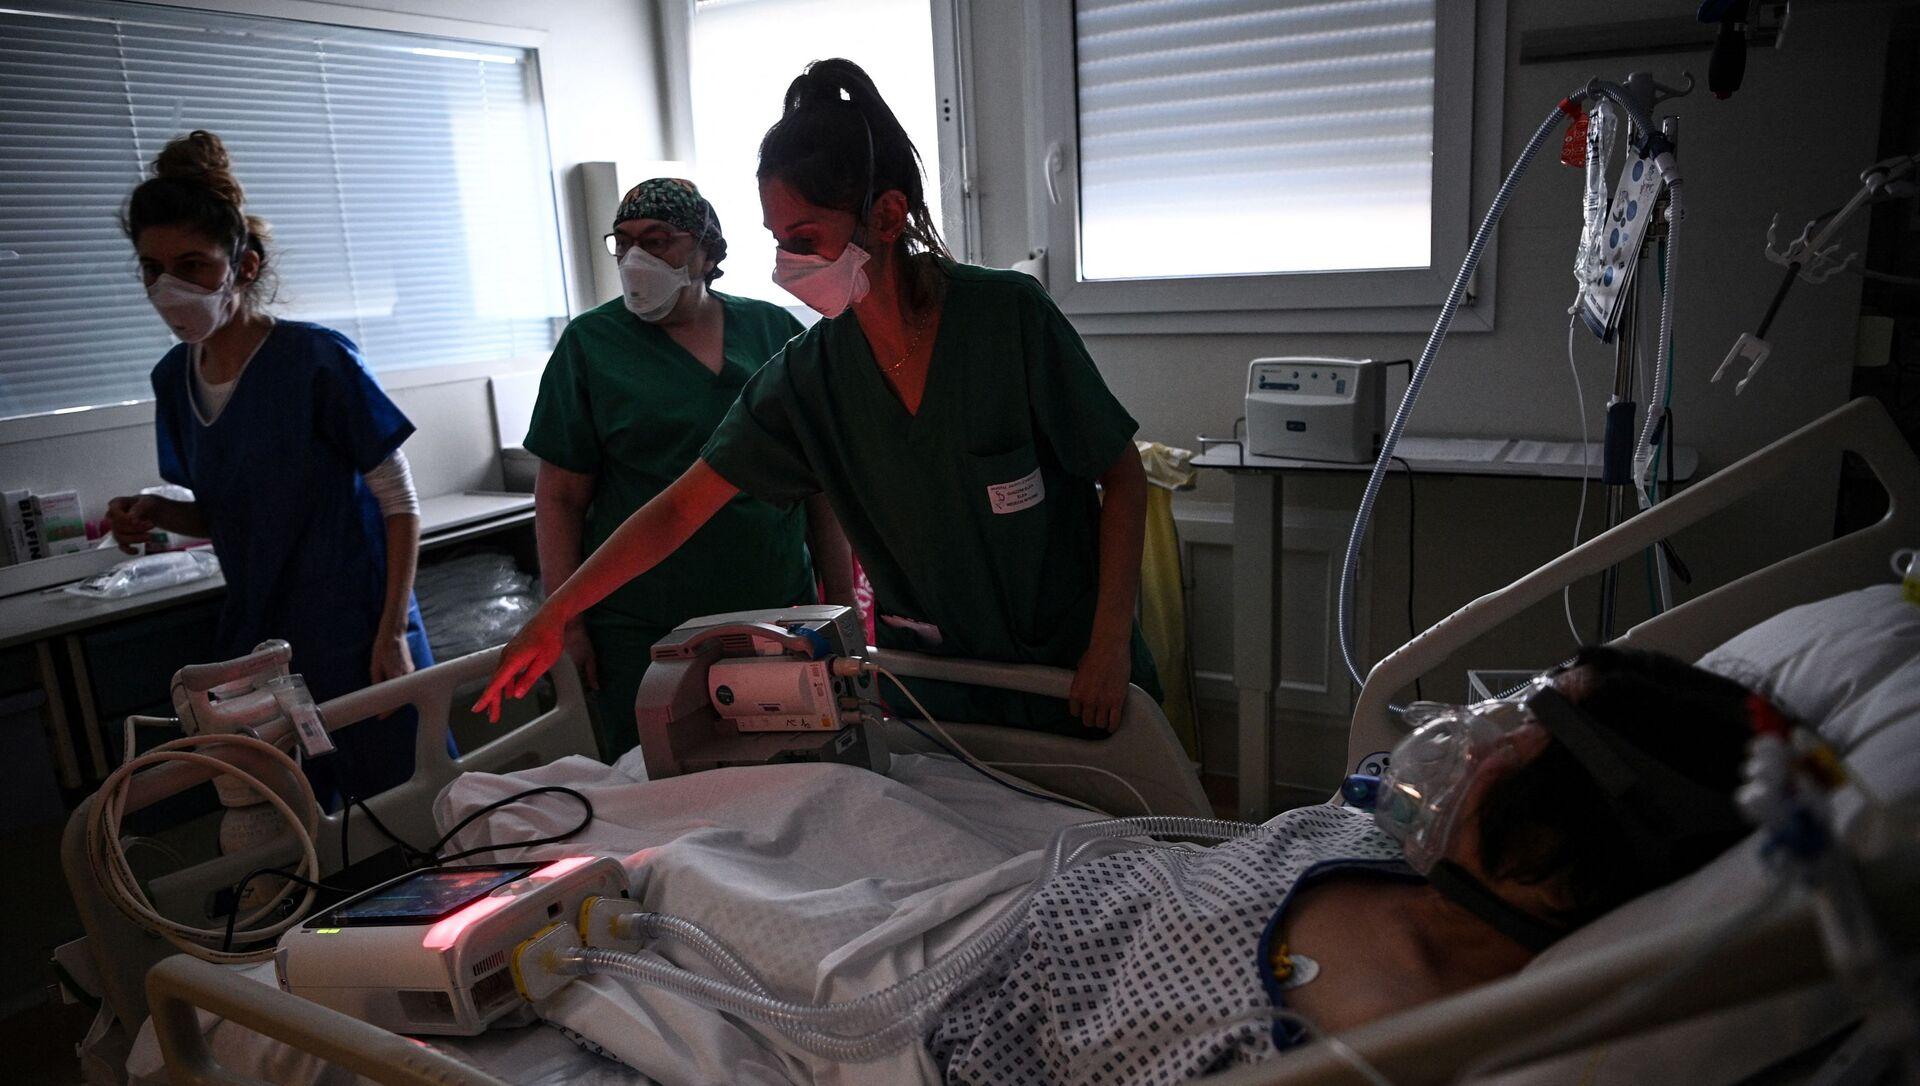 Des soignants dans une unité de soins intensifs dans l'hôpital Saint-Camille à Bry-Sur-Marne - Sputnik France, 1920, 26.07.2021